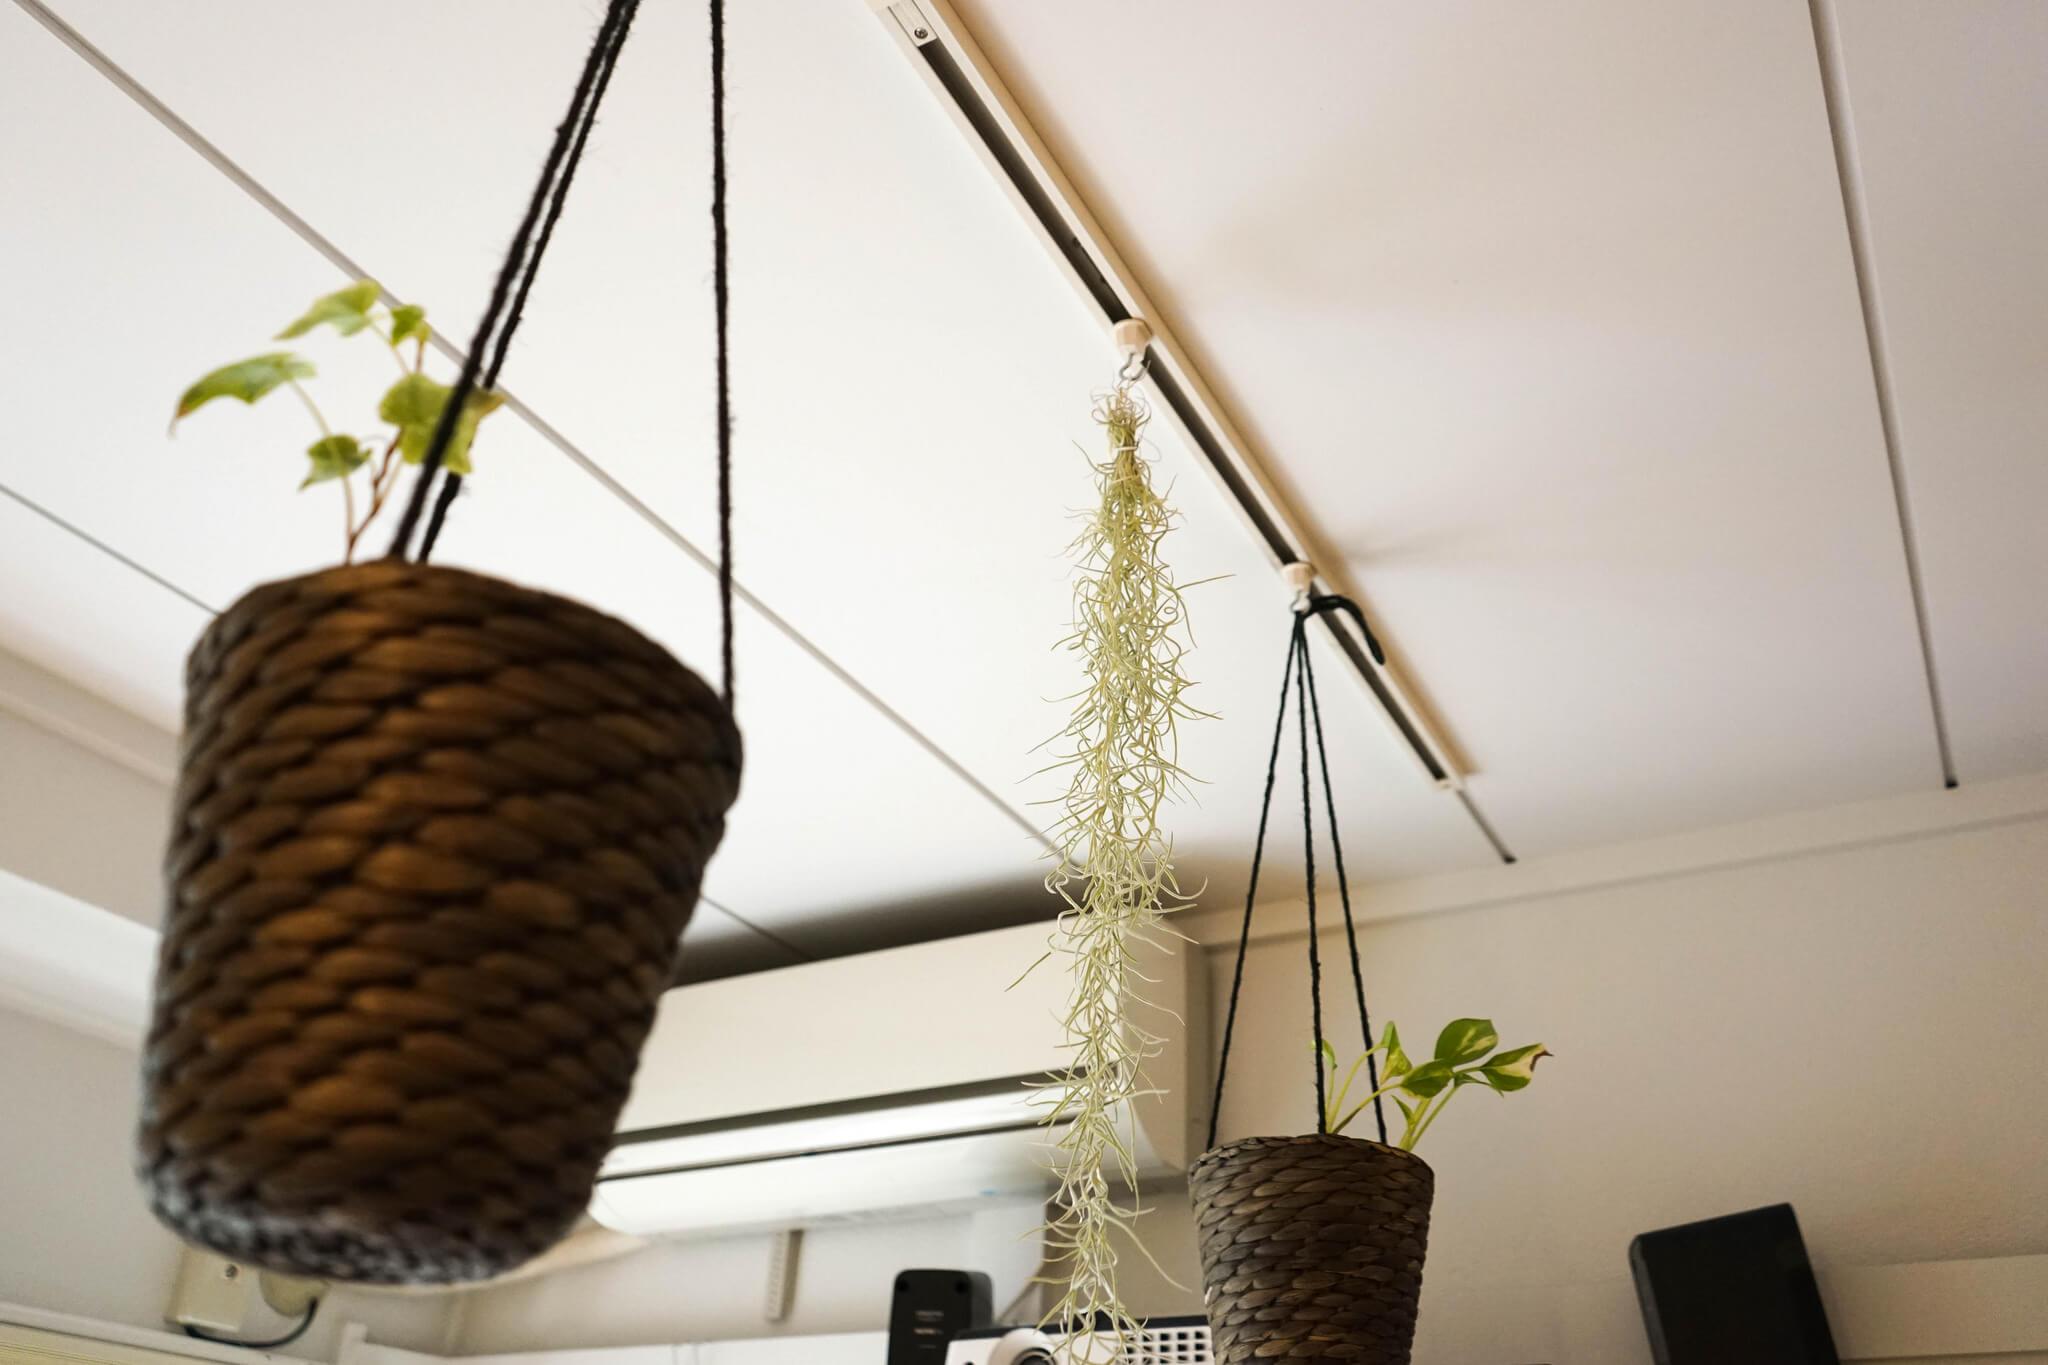 こんな風に、専用のフックを使って植物を吊るして楽しむこともできます。